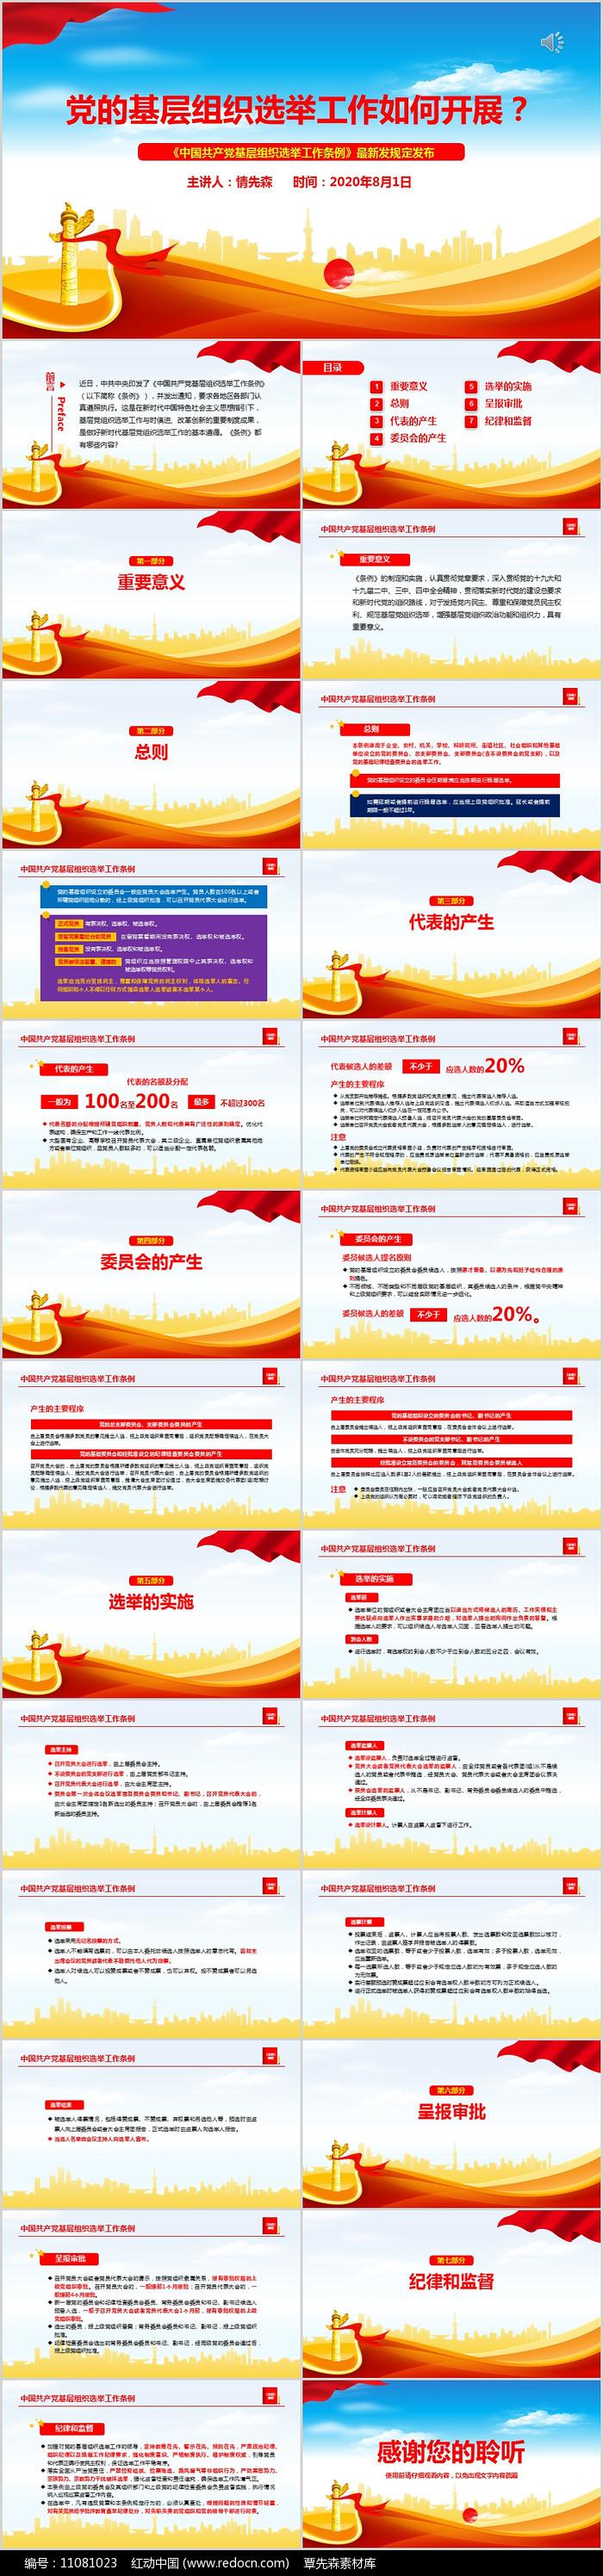 中国共产党基层组织选举工作条例PPT图片